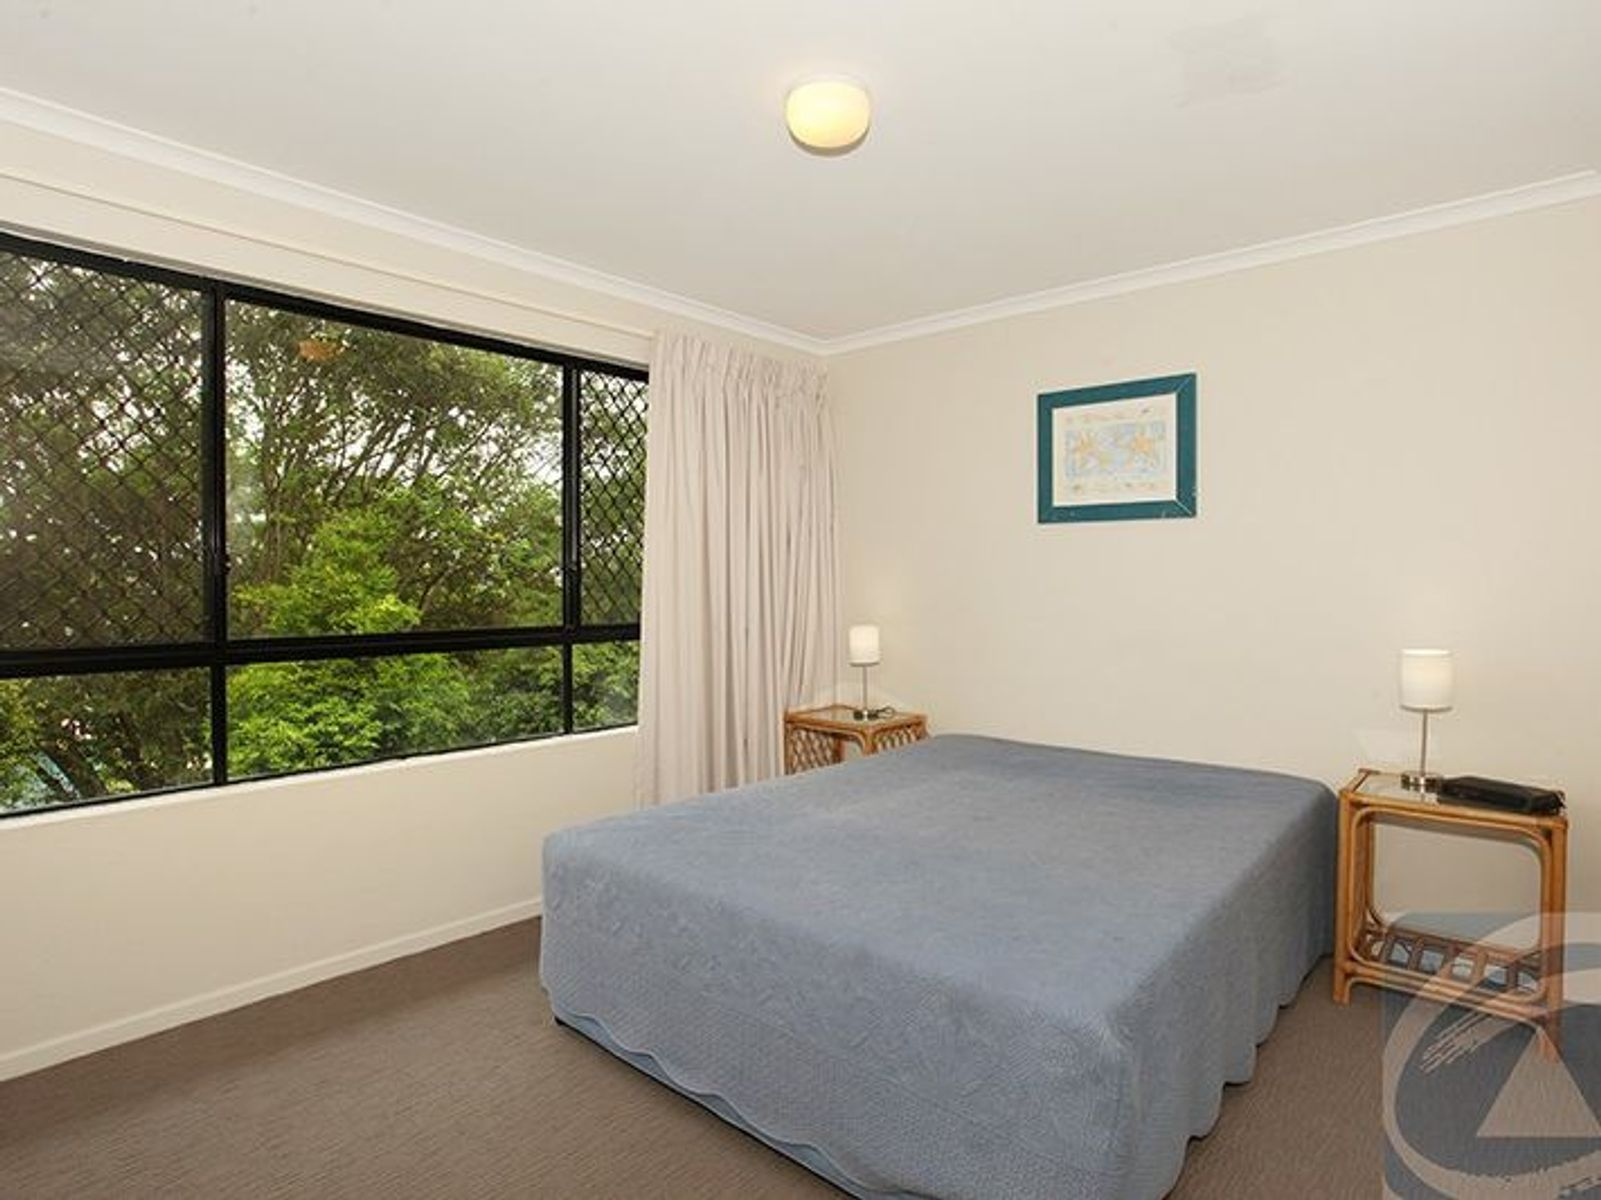 5/29 Hospital Road, Nambour, QLD 4560